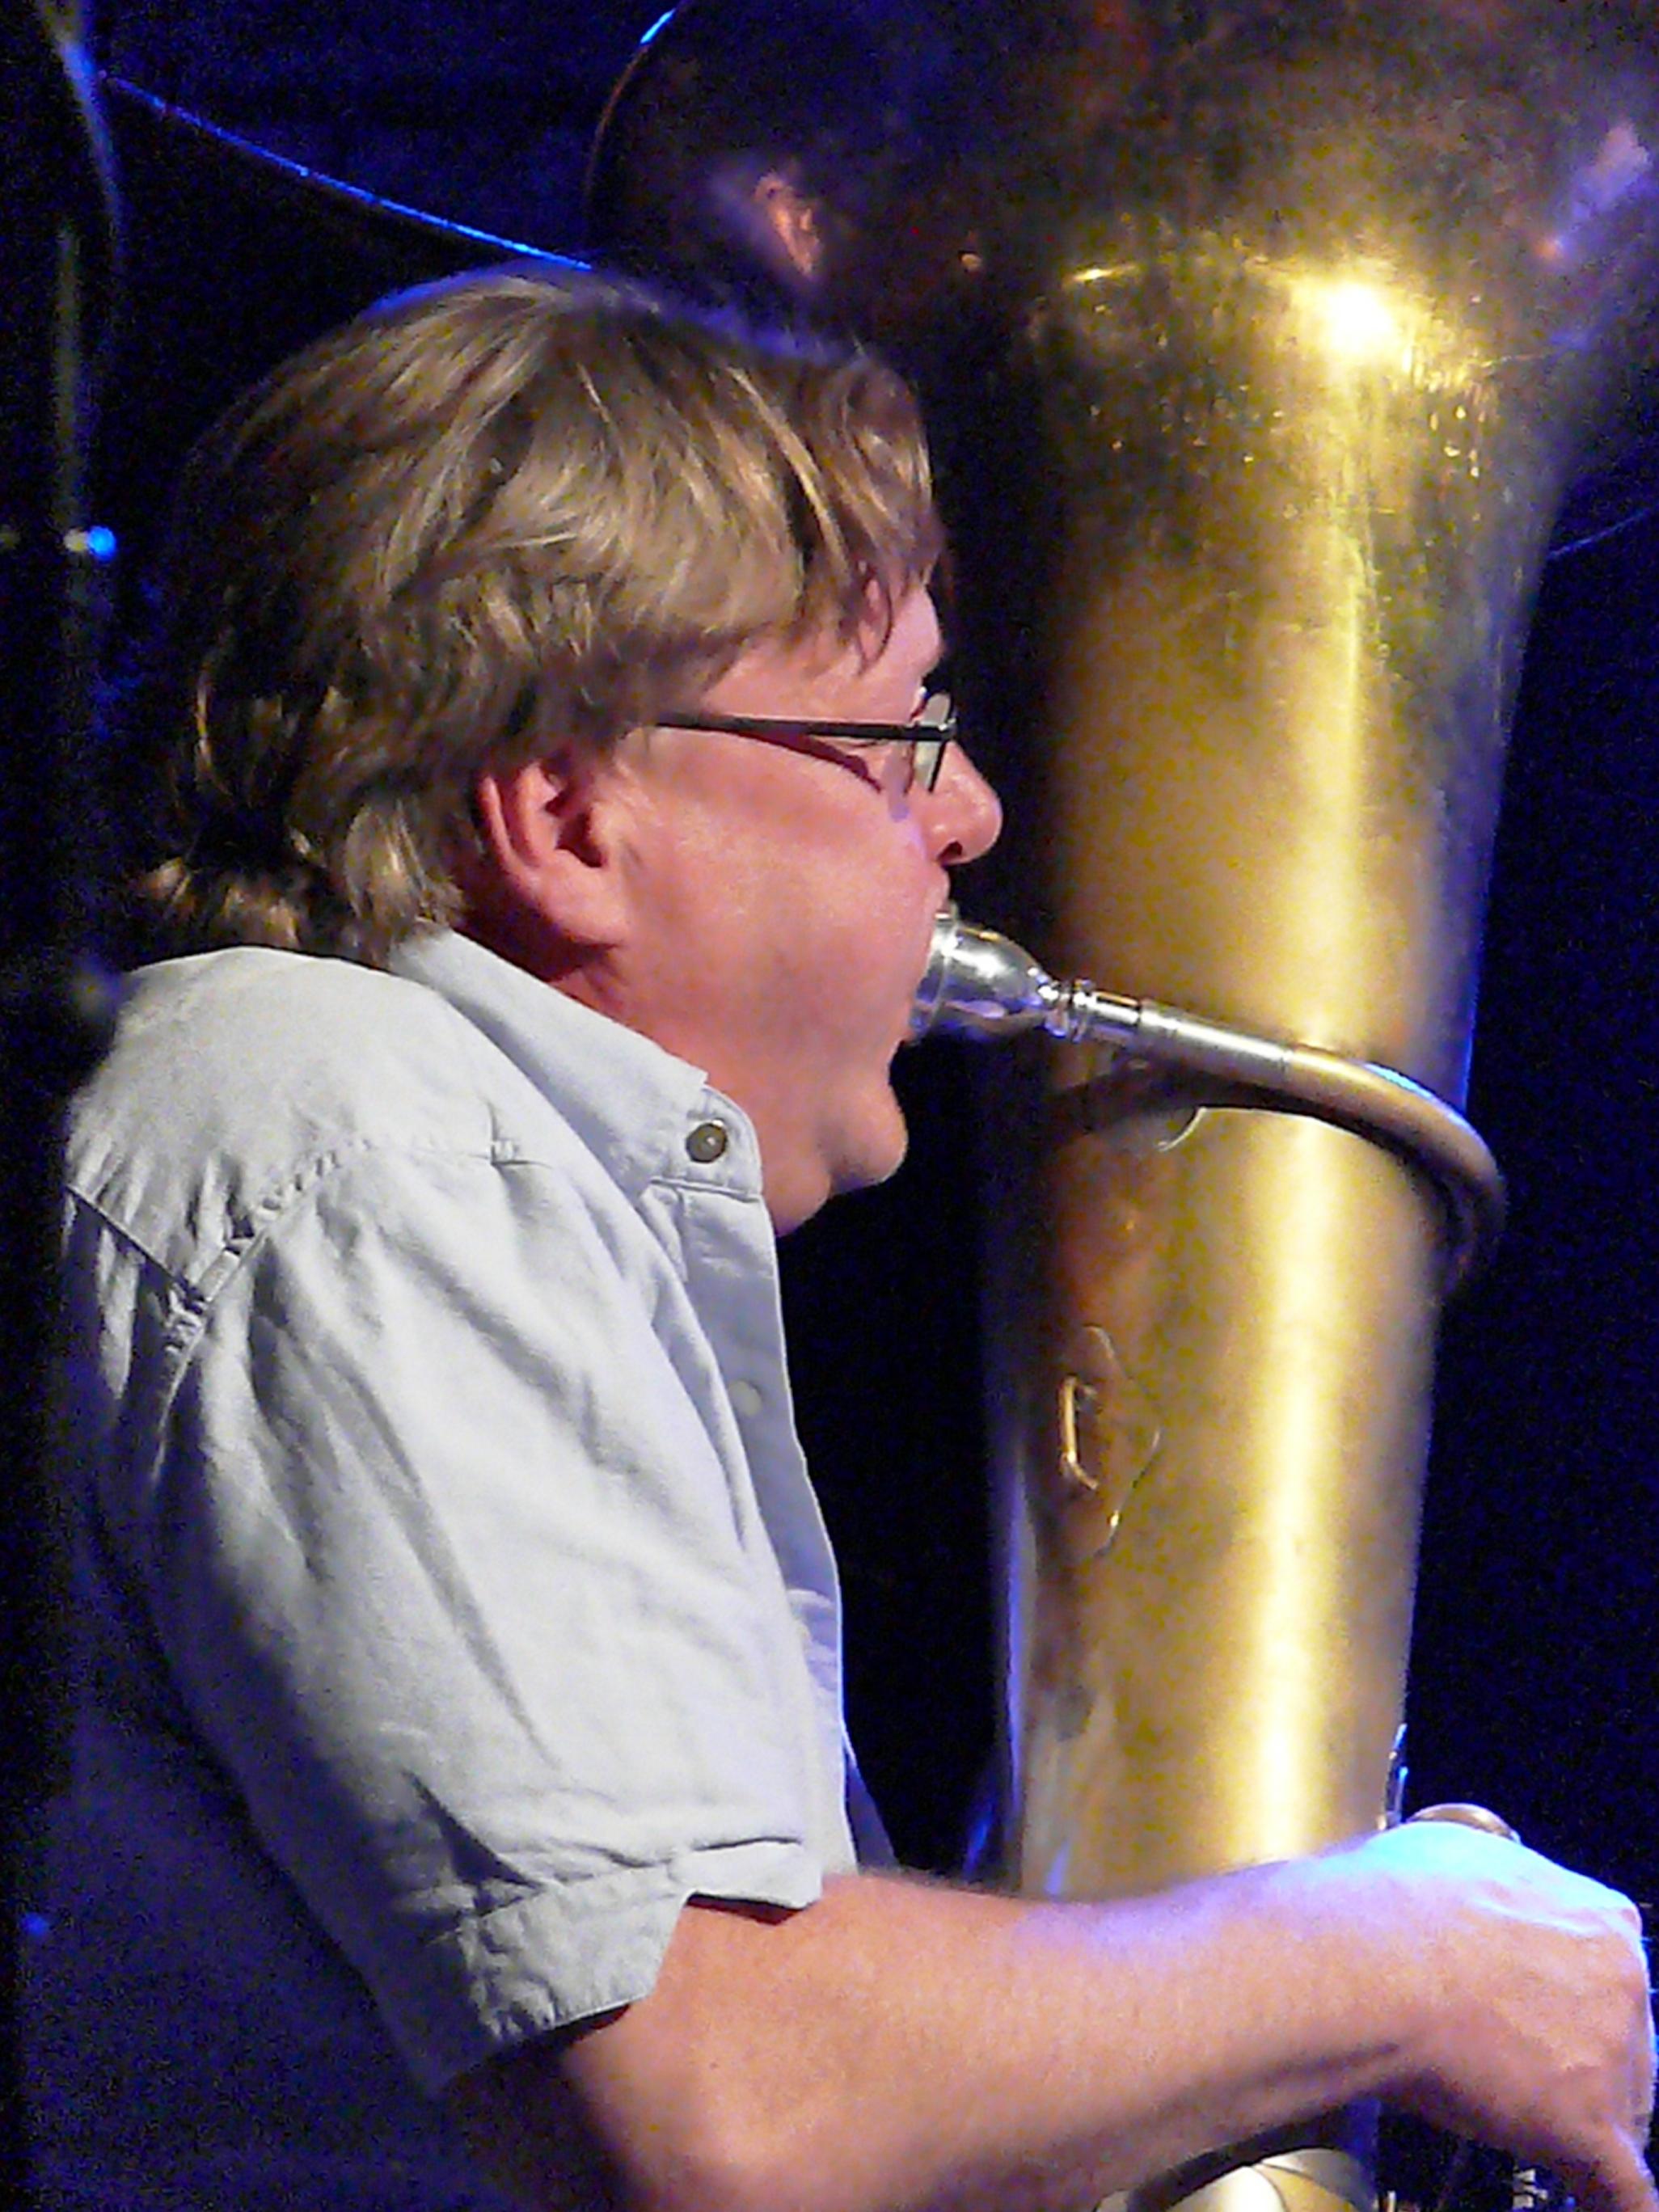 Per Ake Holmlander at Alchemia, Krakow in November 2012